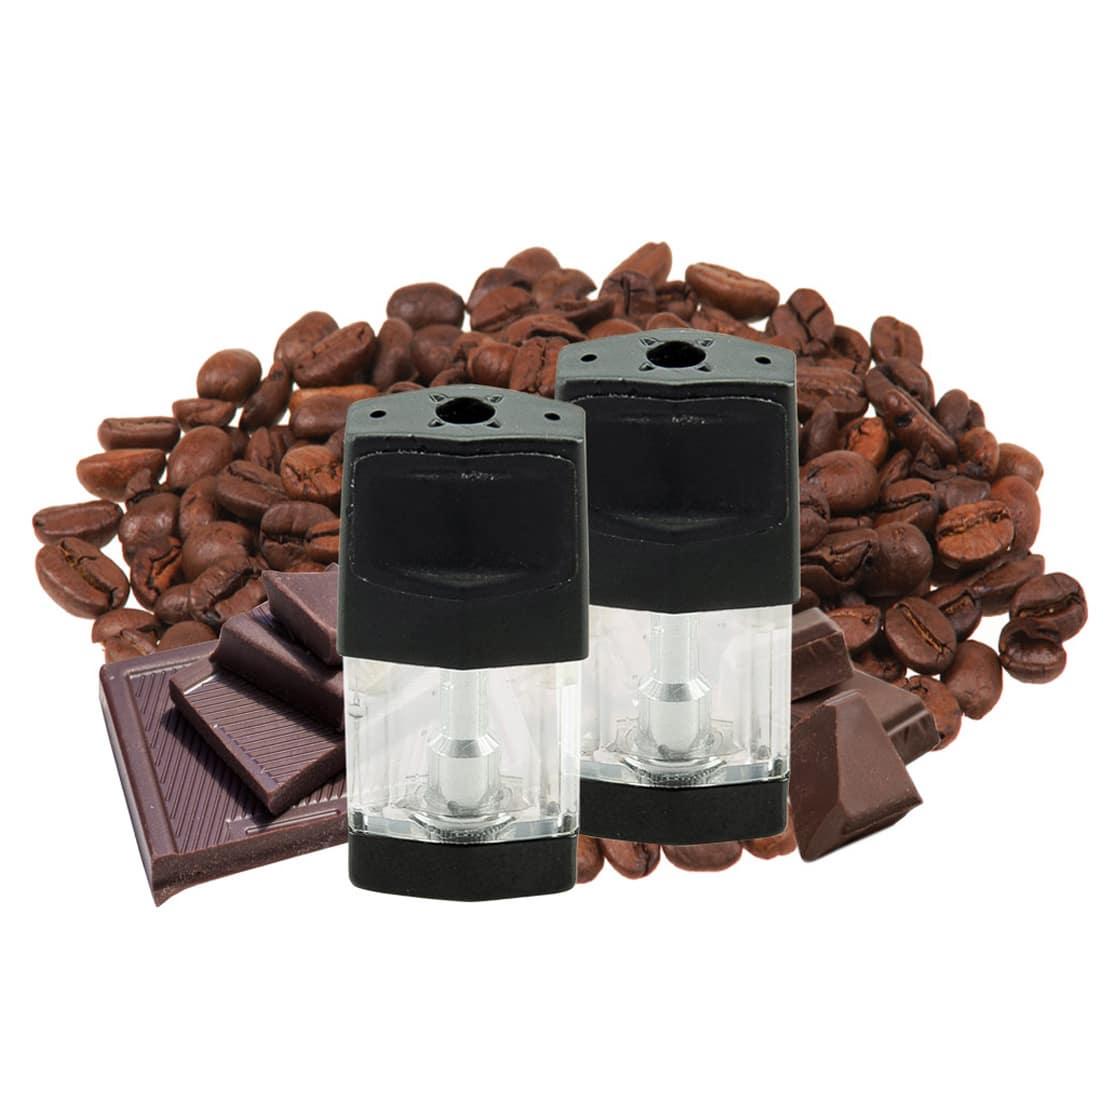 vmaxx-pods-chocolate-gross